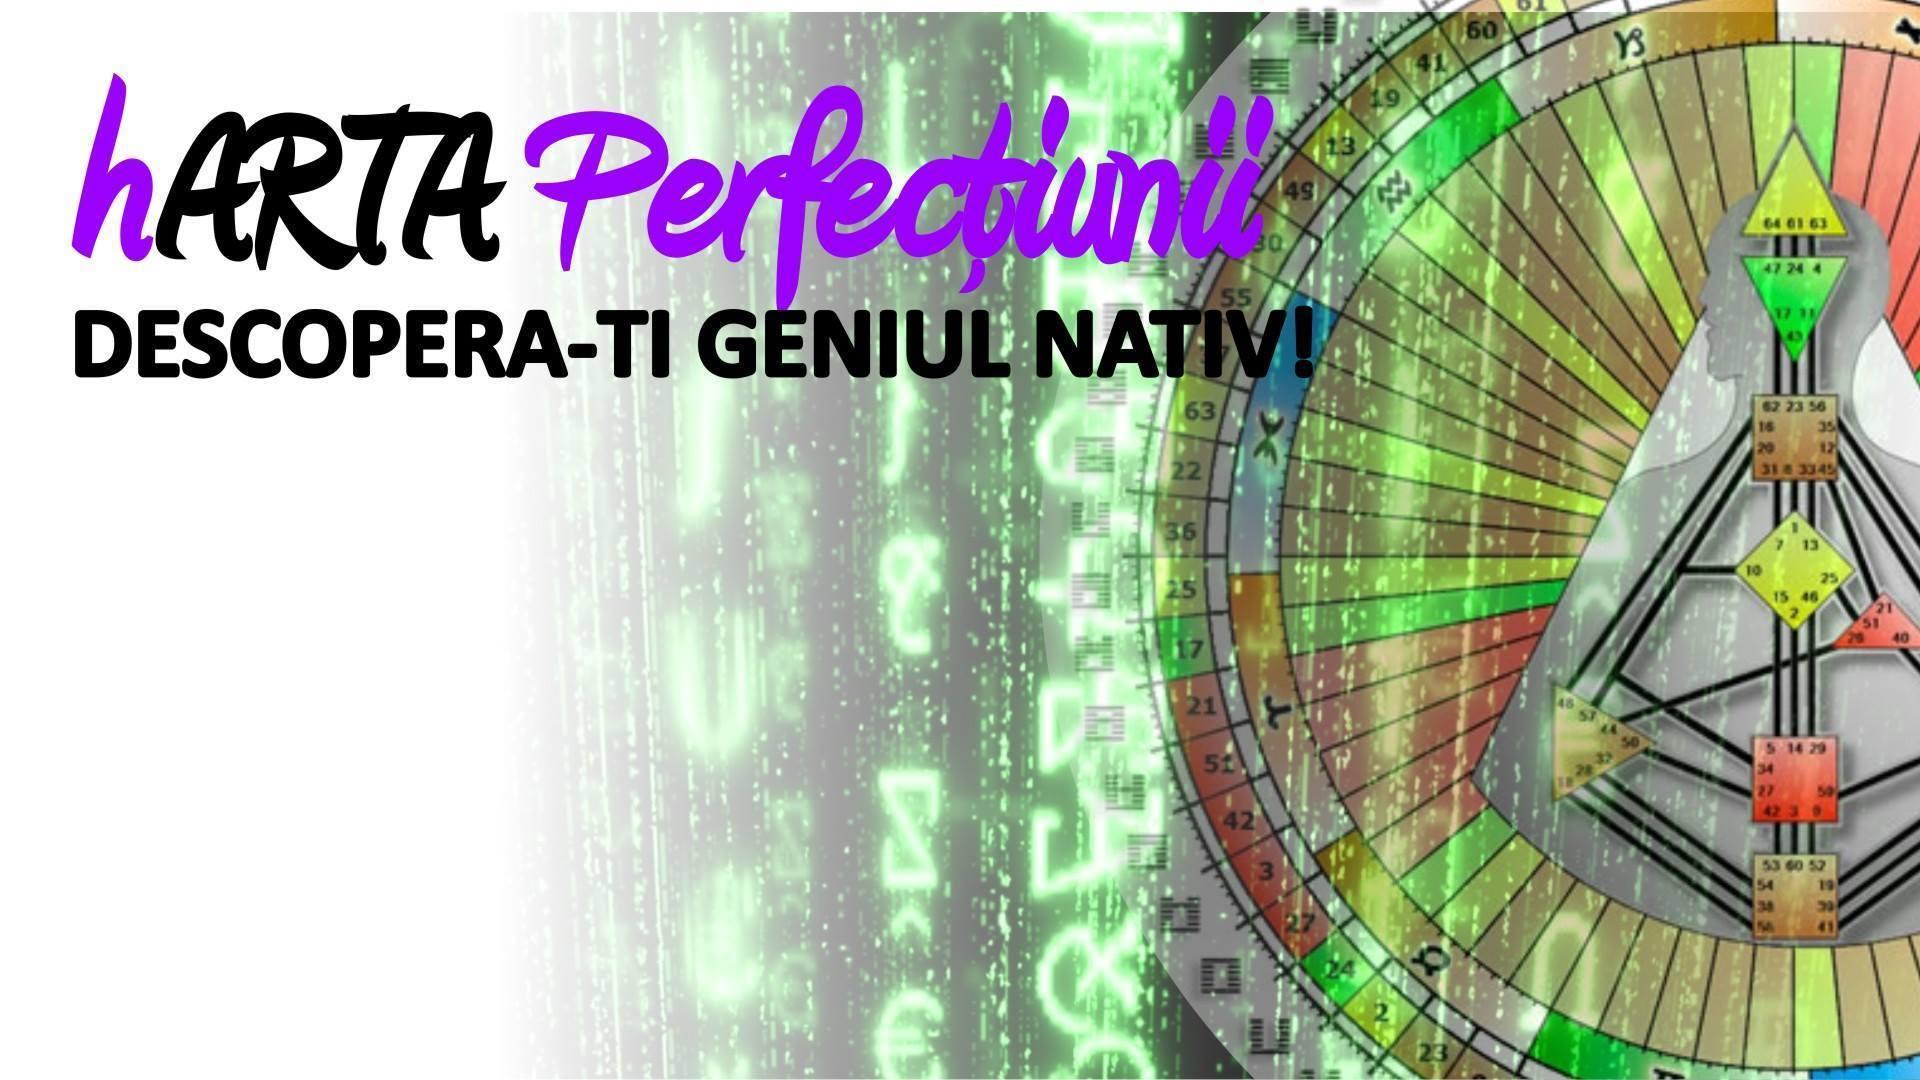 Descoperă-ți Geniul Nativ sustinut de Iulian Motea